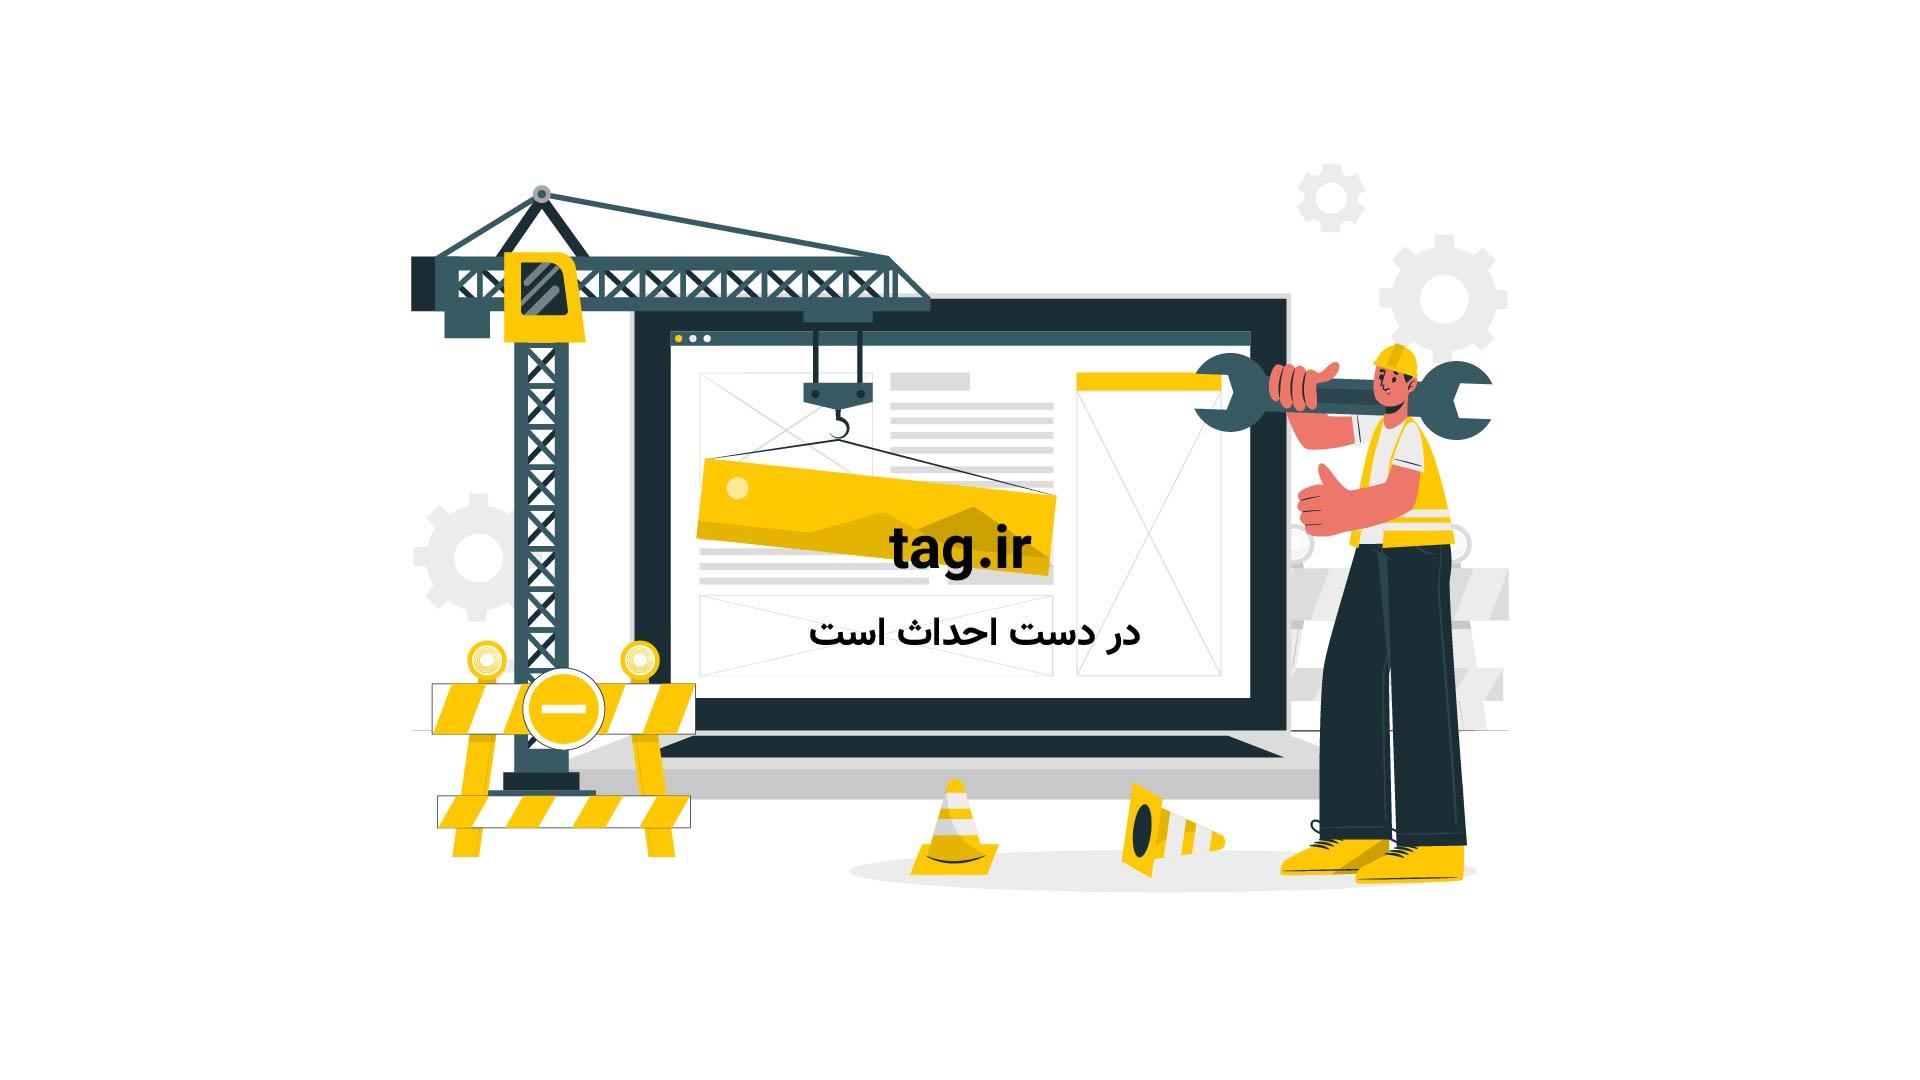 عناوین روزنامههای اقتصادی دوشنبه 1 آذر   فیلم